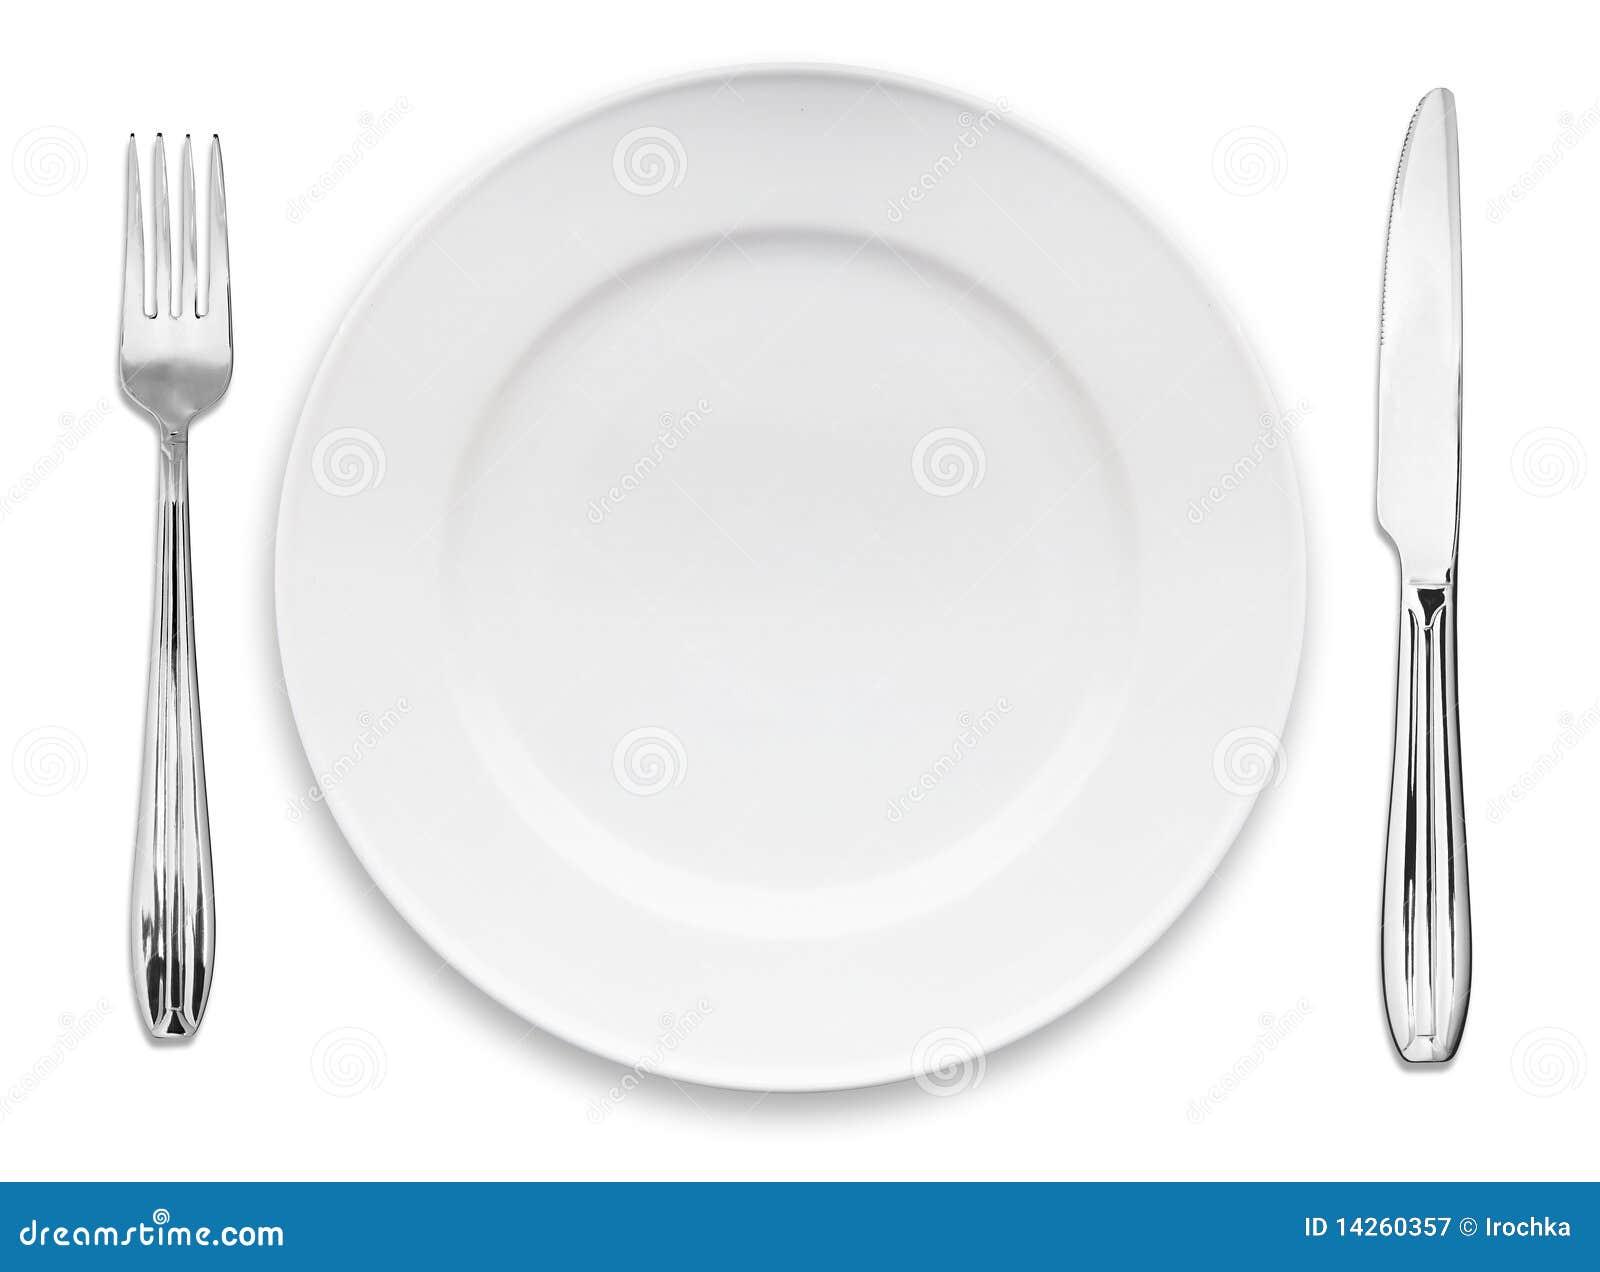 刀叉餐具牌照